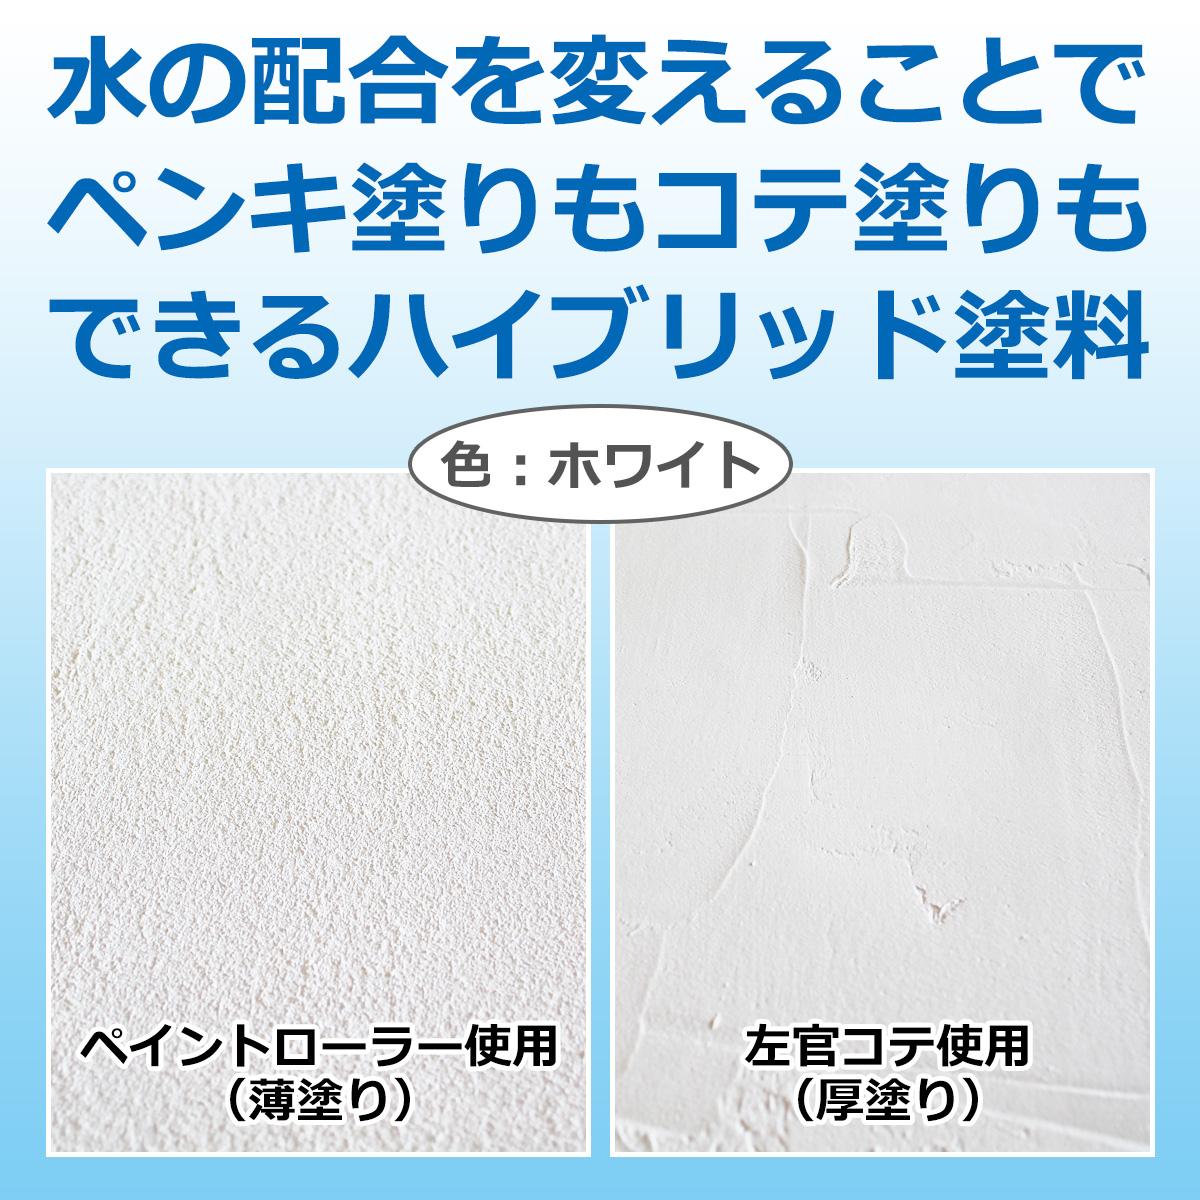 水の配合を変えることでペンキ塗りもコテ塗りもできるハイブリッド塗料 色:ホワイト ペイントローラー使用(薄塗り) 左官コテ使用(厚塗り)